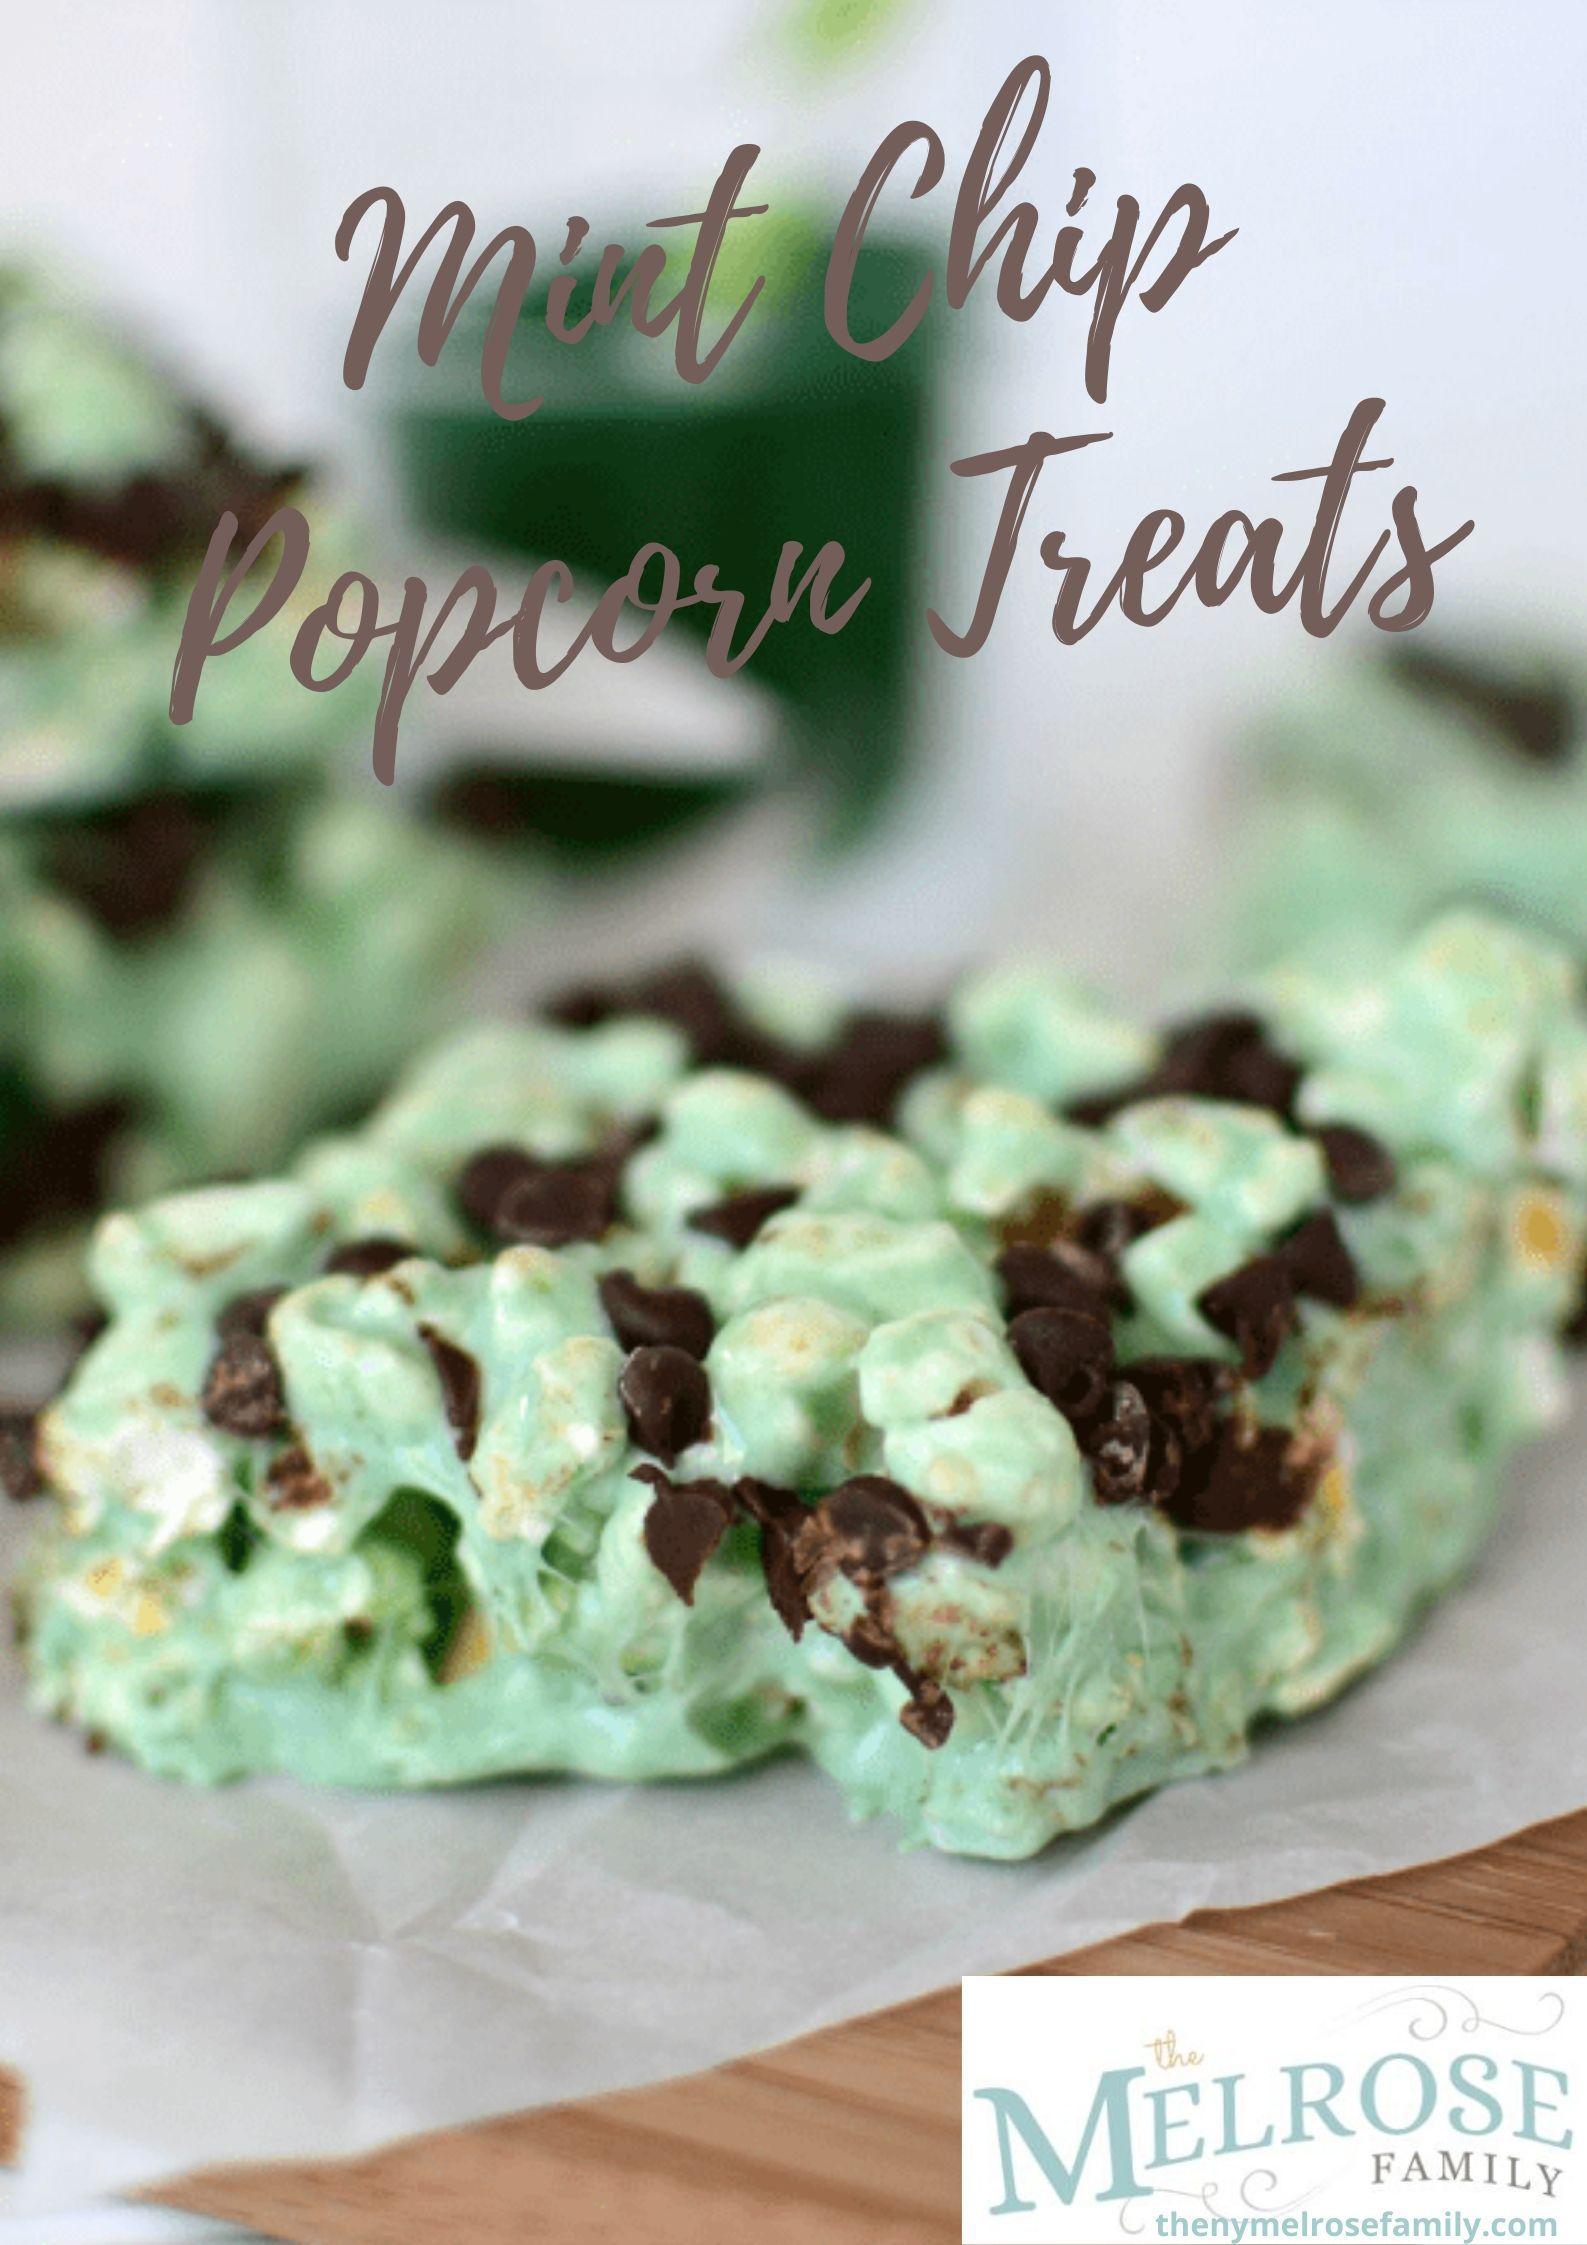 St. Patrick's Day Desserts - Mint Chip Popcorn Treats